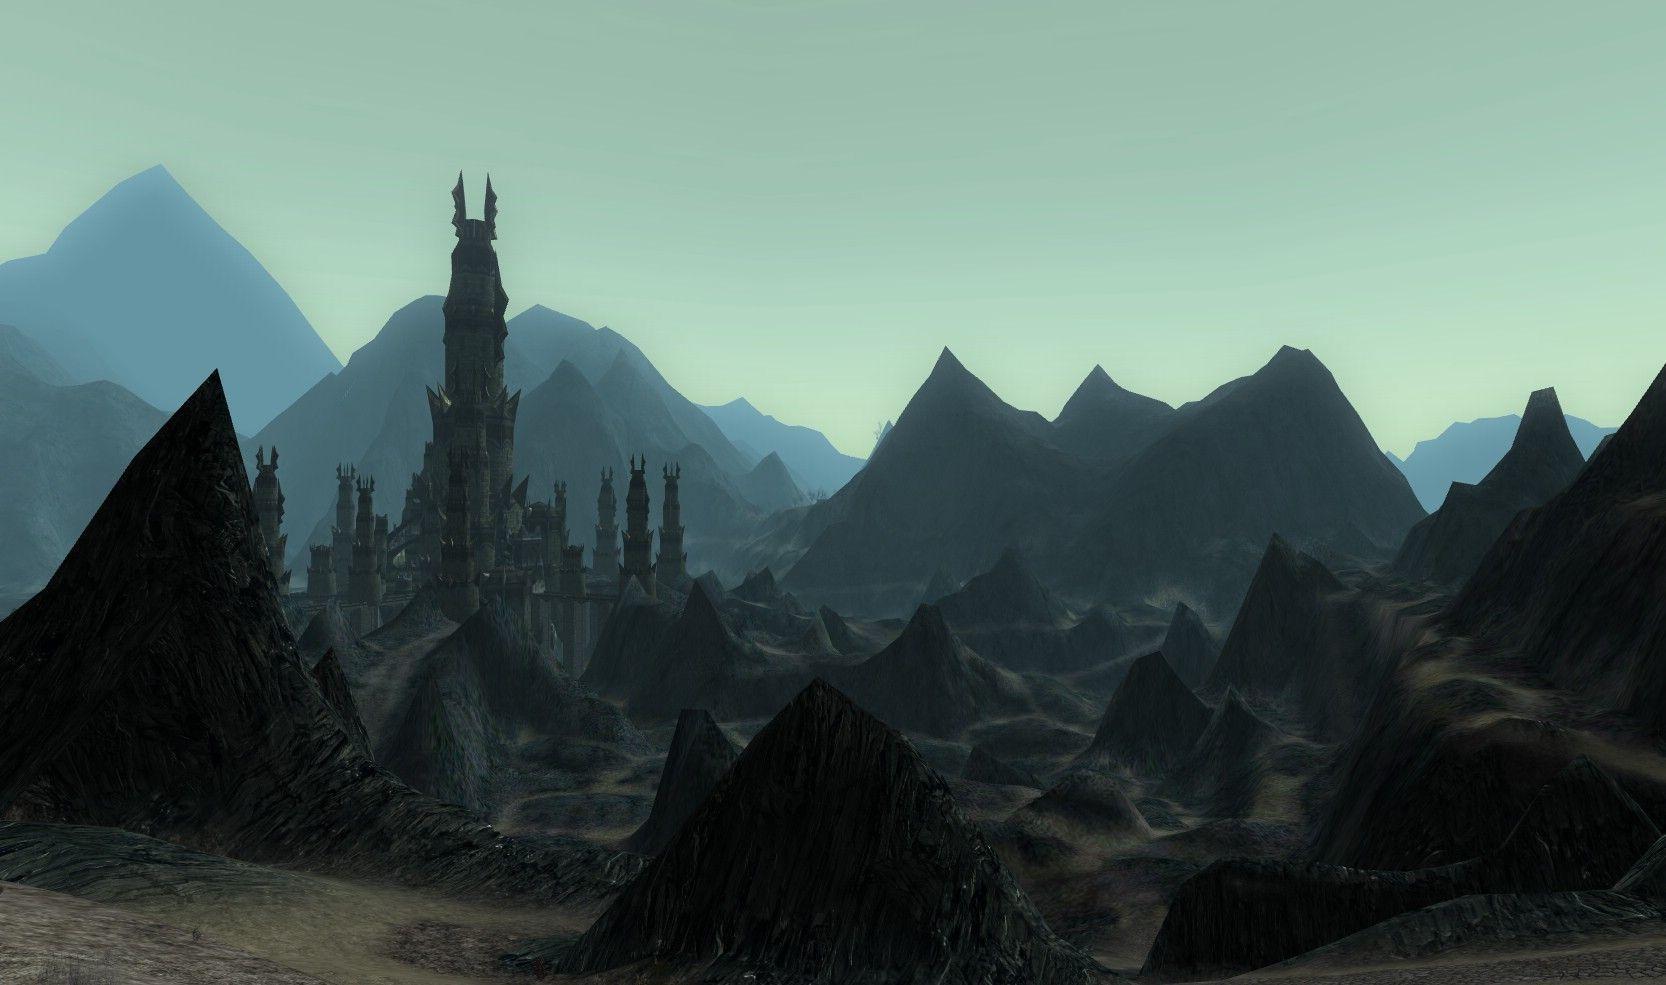 Otro episodio importante del Señor de los Anillos fue ocasionado mucho tiempo atrás por el Rey Brujo. ¿Cuál?